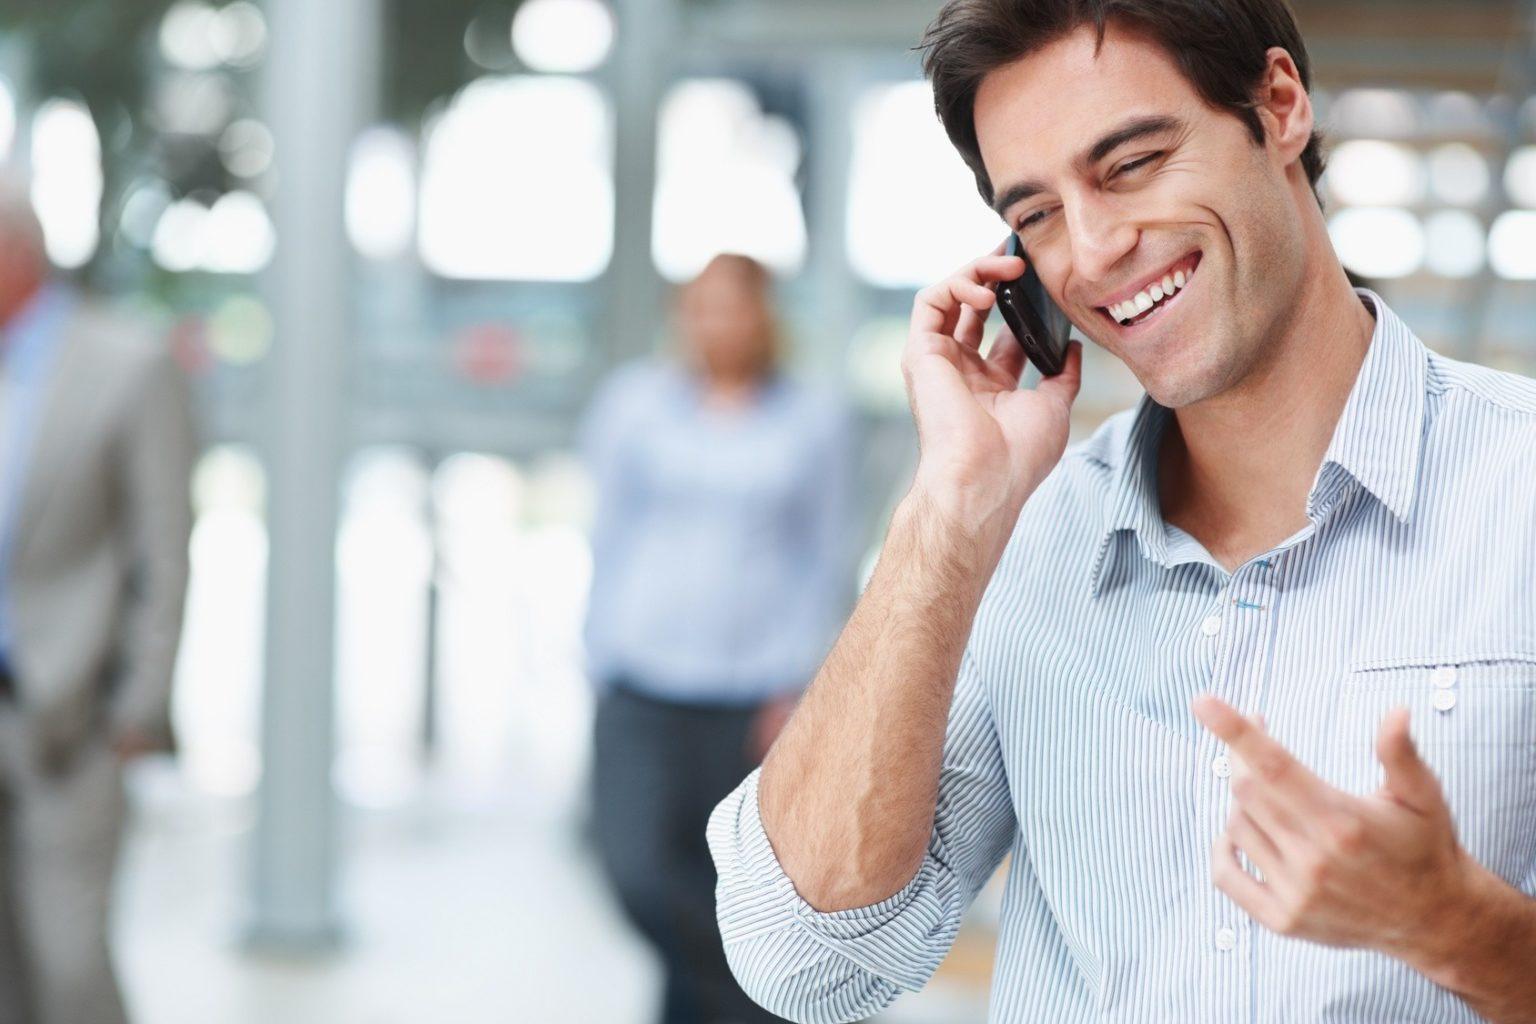 10 психологических приемов, полезных в общении